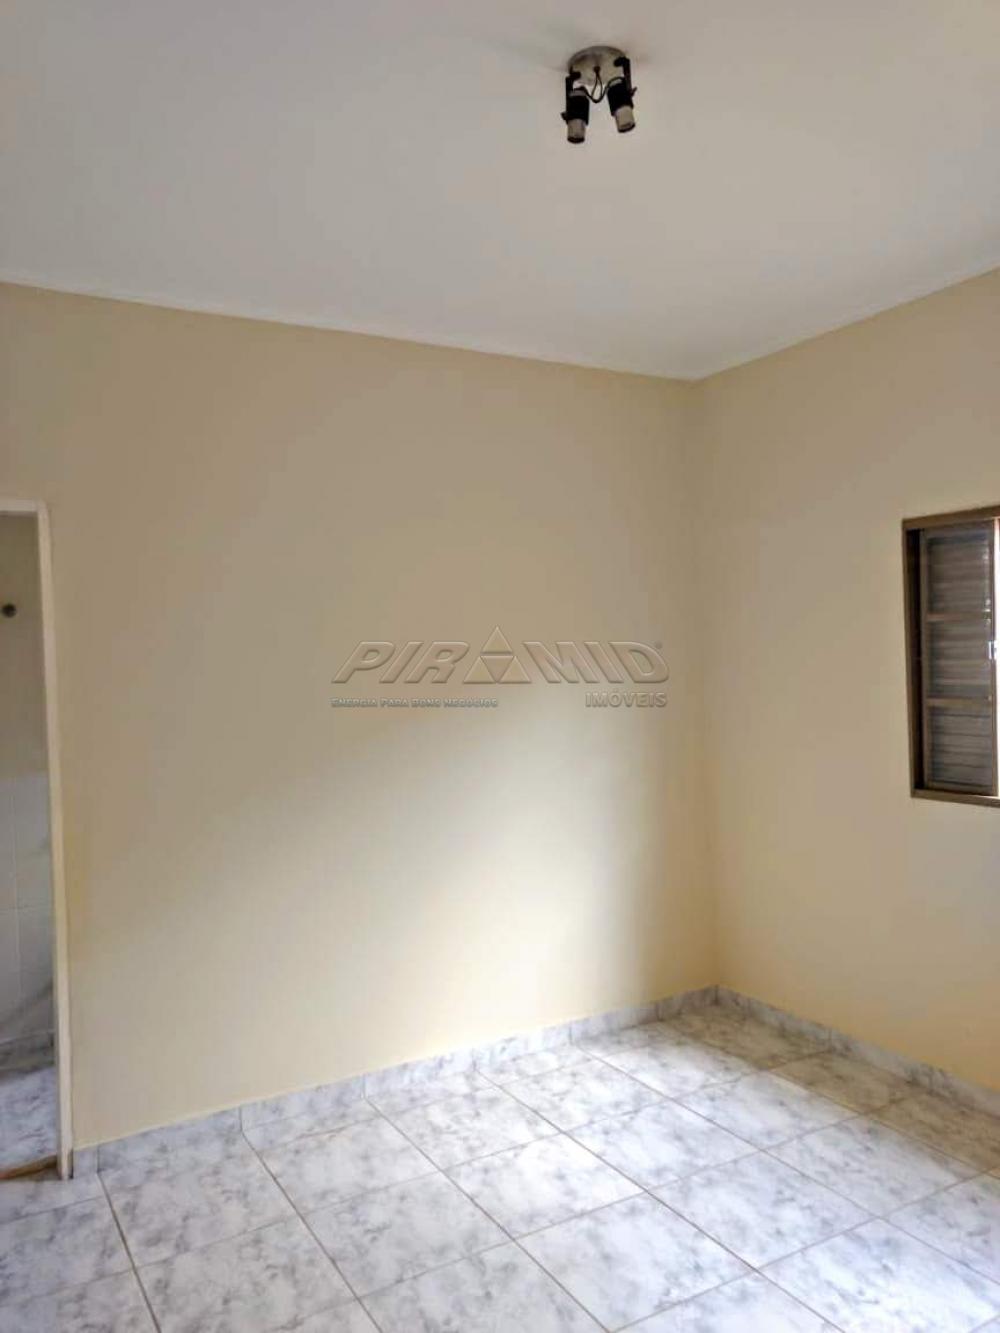 Comprar Casa / Padrão em Ribeirão Preto apenas R$ 155.000,00 - Foto 9